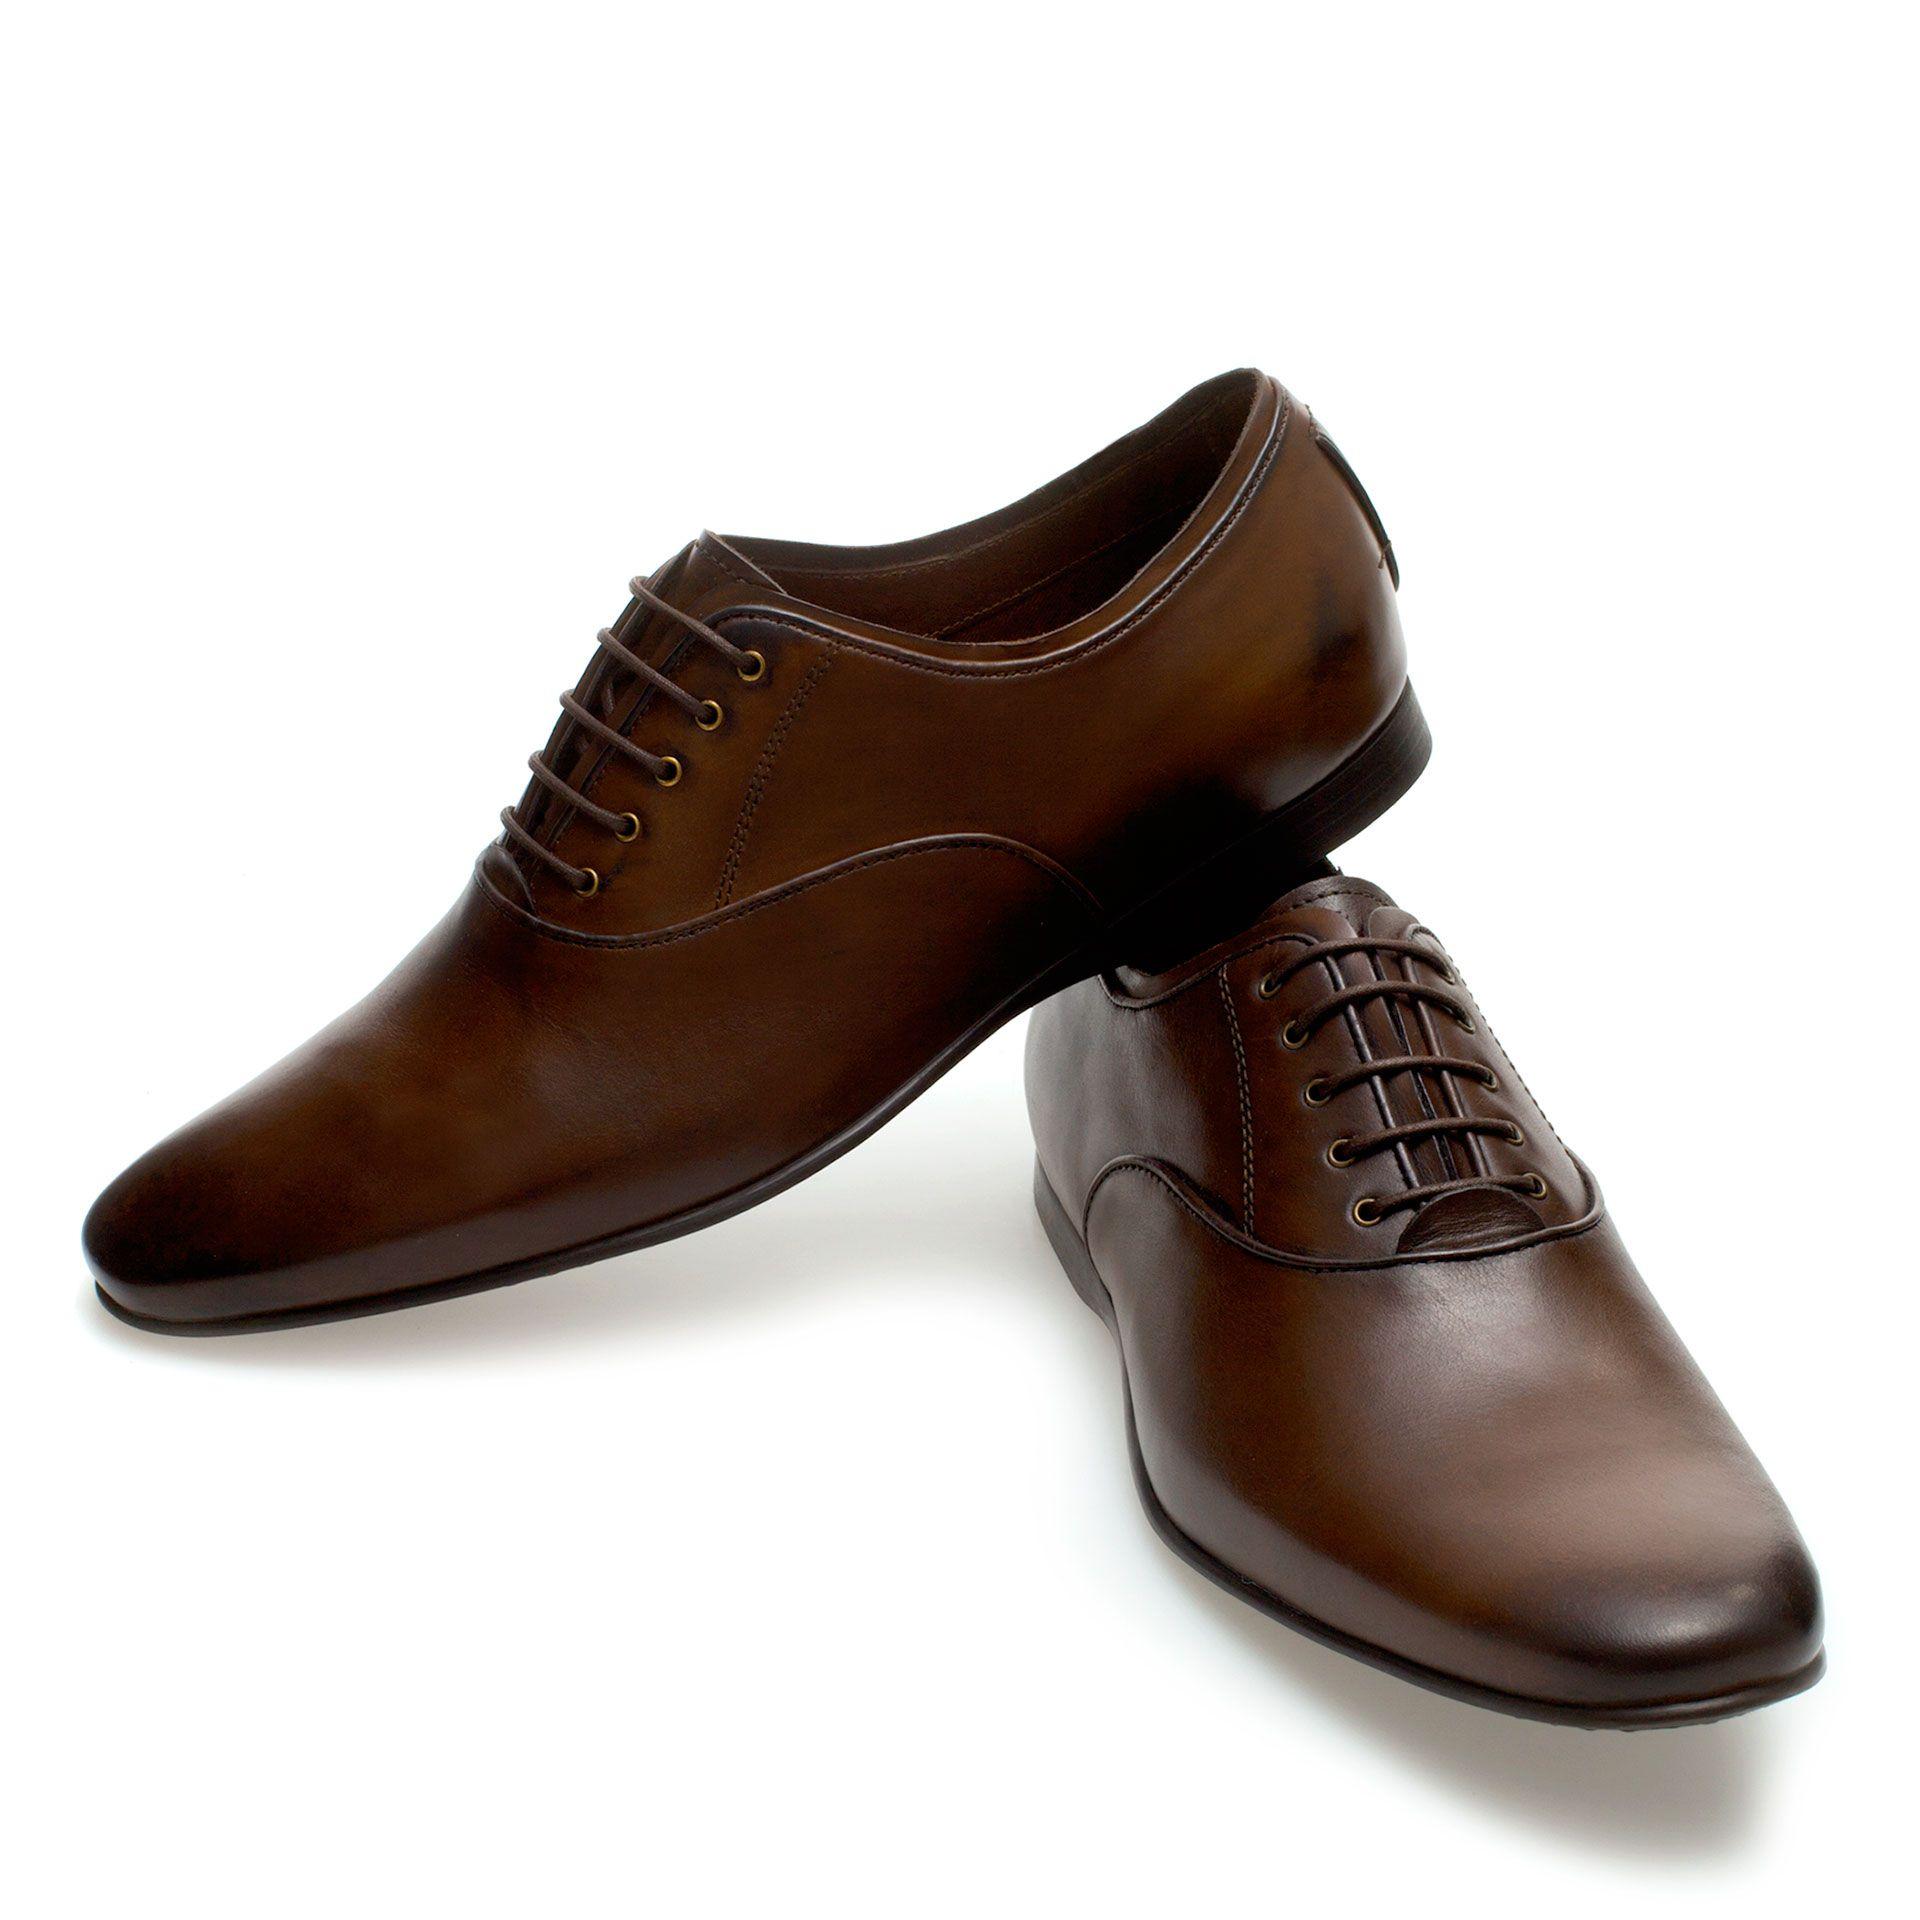 444613502 SLIM VESTIR - Zapatos - Hombre - ZARA El Salvador